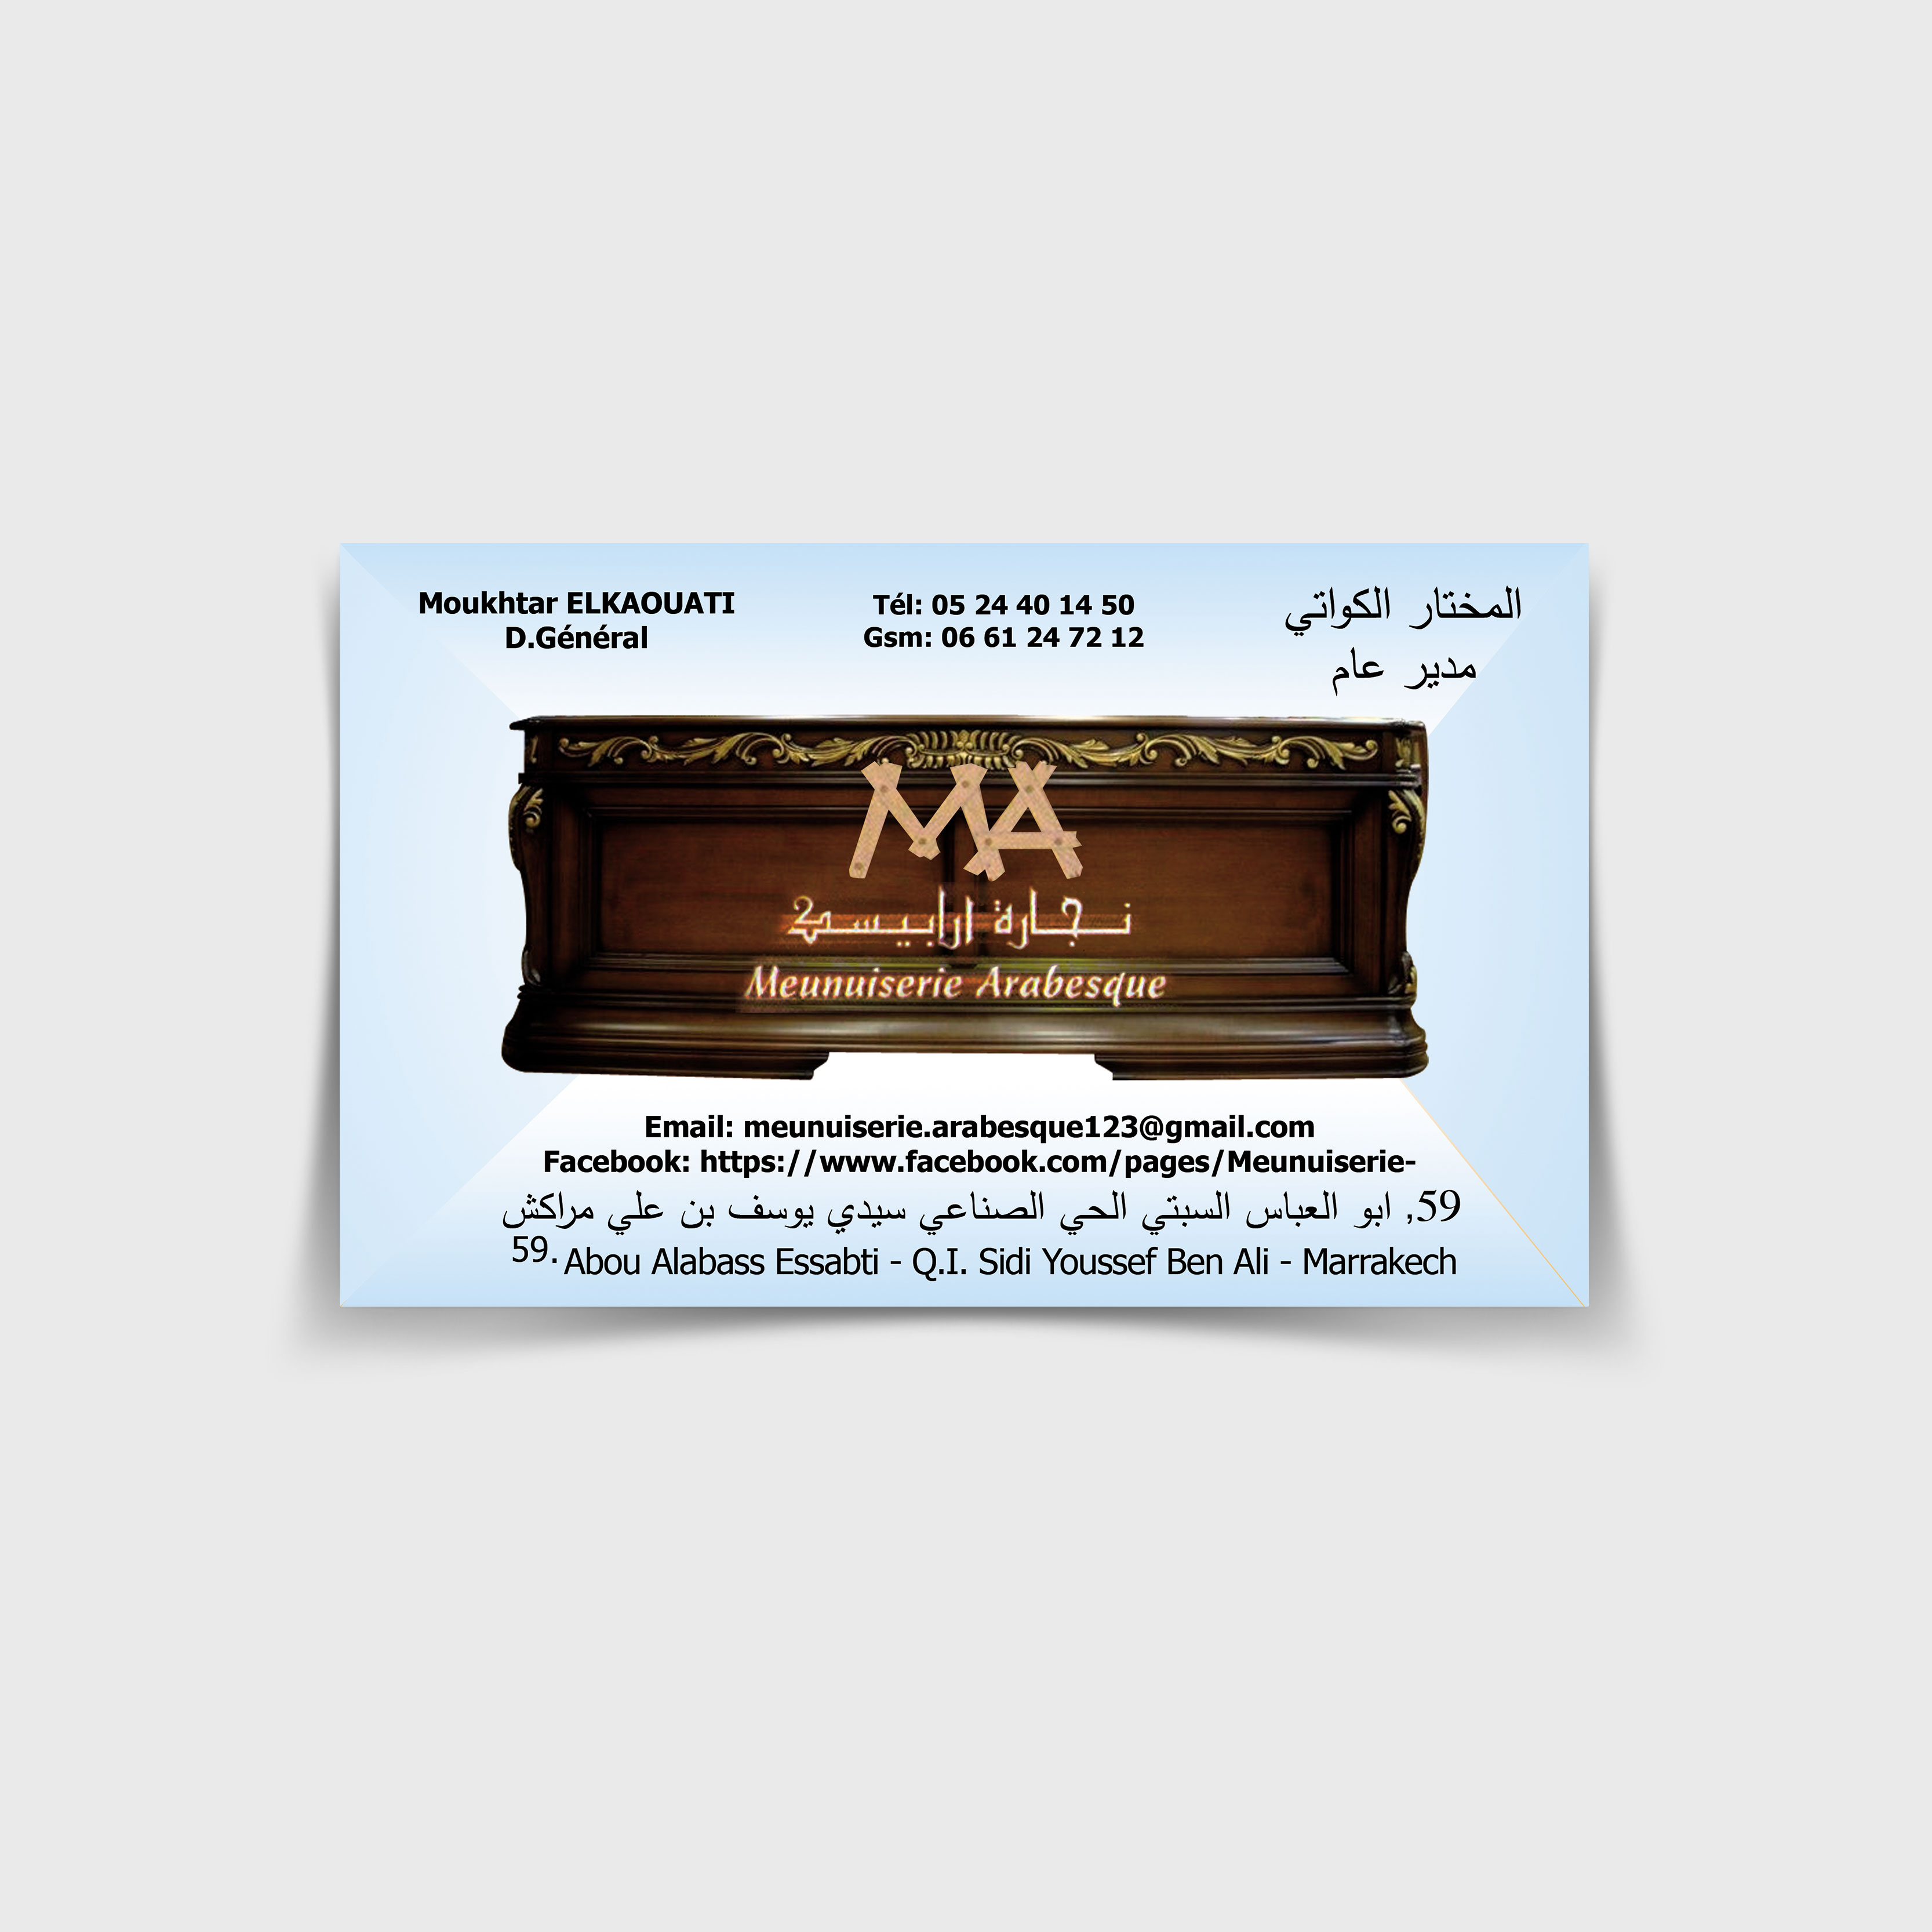 Menuiserie Arabesque Mouhktar Elkaouati